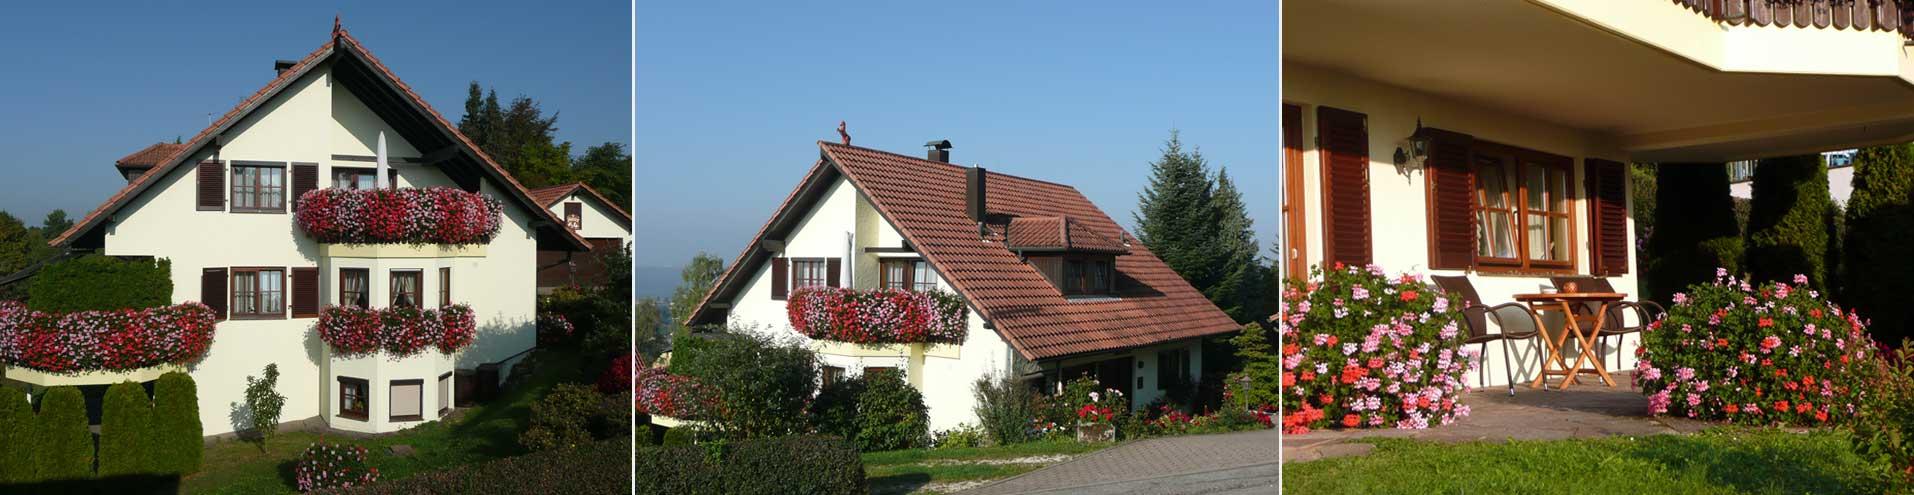 Gästehaus Stöber Esslingen